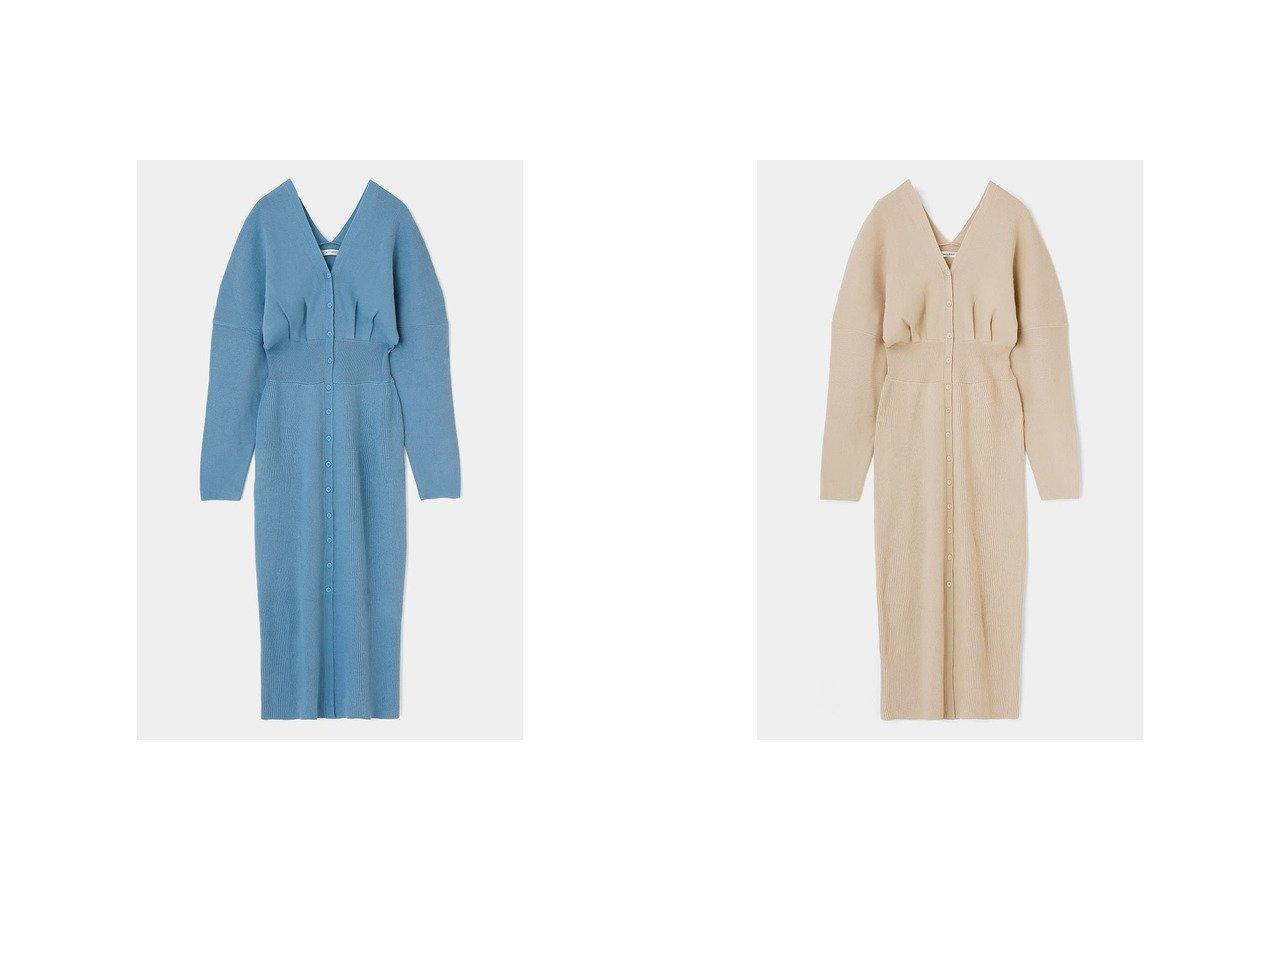 【moussy/マウジー】のTUCK FIT ニットドレス moussyのおすすめ!人気、トレンド・レディースファッションの通販 おすすめで人気の流行・トレンド、ファッションの通販商品 メンズファッション・キッズファッション・インテリア・家具・レディースファッション・服の通販 founy(ファニー) https://founy.com/ ファッション Fashion レディースファッション WOMEN トップス Tops Tshirt ニット Knit Tops ワンピース Dress ドレス Party Dresses 2020年 2020 2020-2021 秋冬 A/W AW Autumn/Winter / FW Fall-Winter 2020-2021 A/W 秋冬 AW Autumn/Winter / FW Fall-Winter アクリル ドレス |ID:crp329100000019733